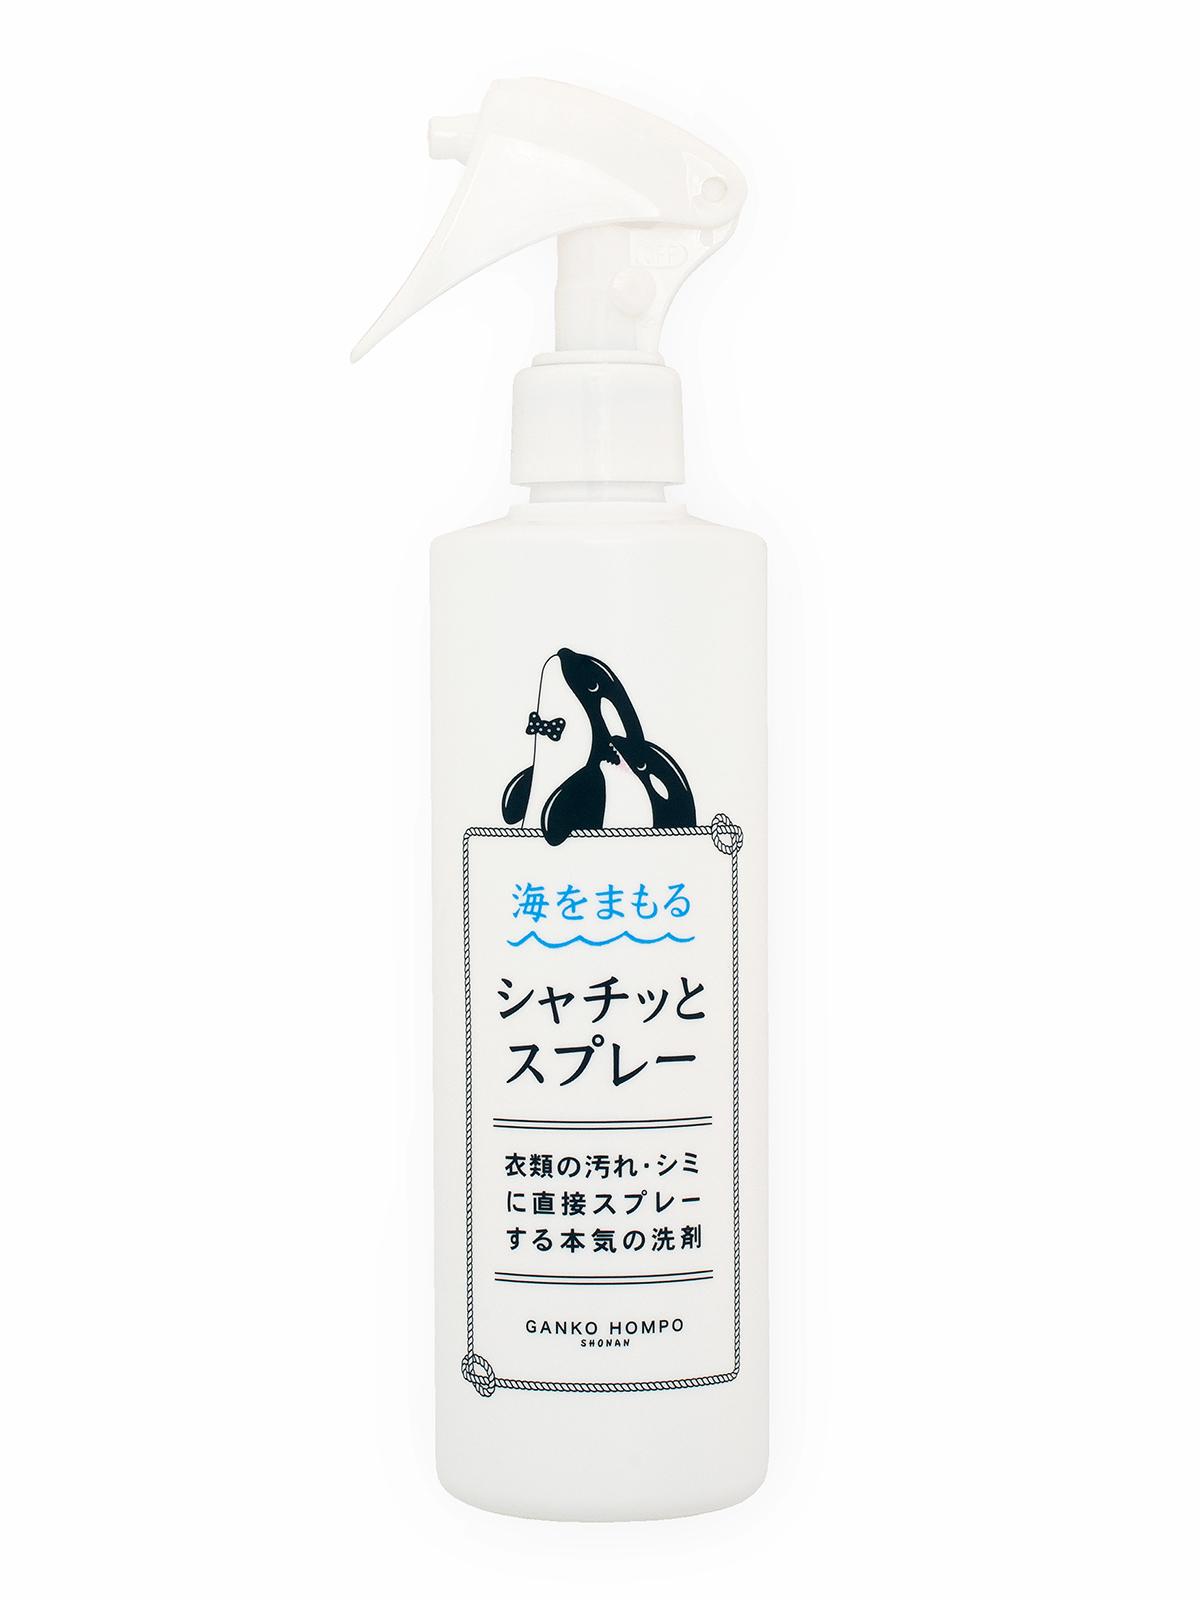 皮脂やたんぱく質の汚れをしっかり落とし、本来の白さを取り戻す汚れ落し用スプレー|海へ